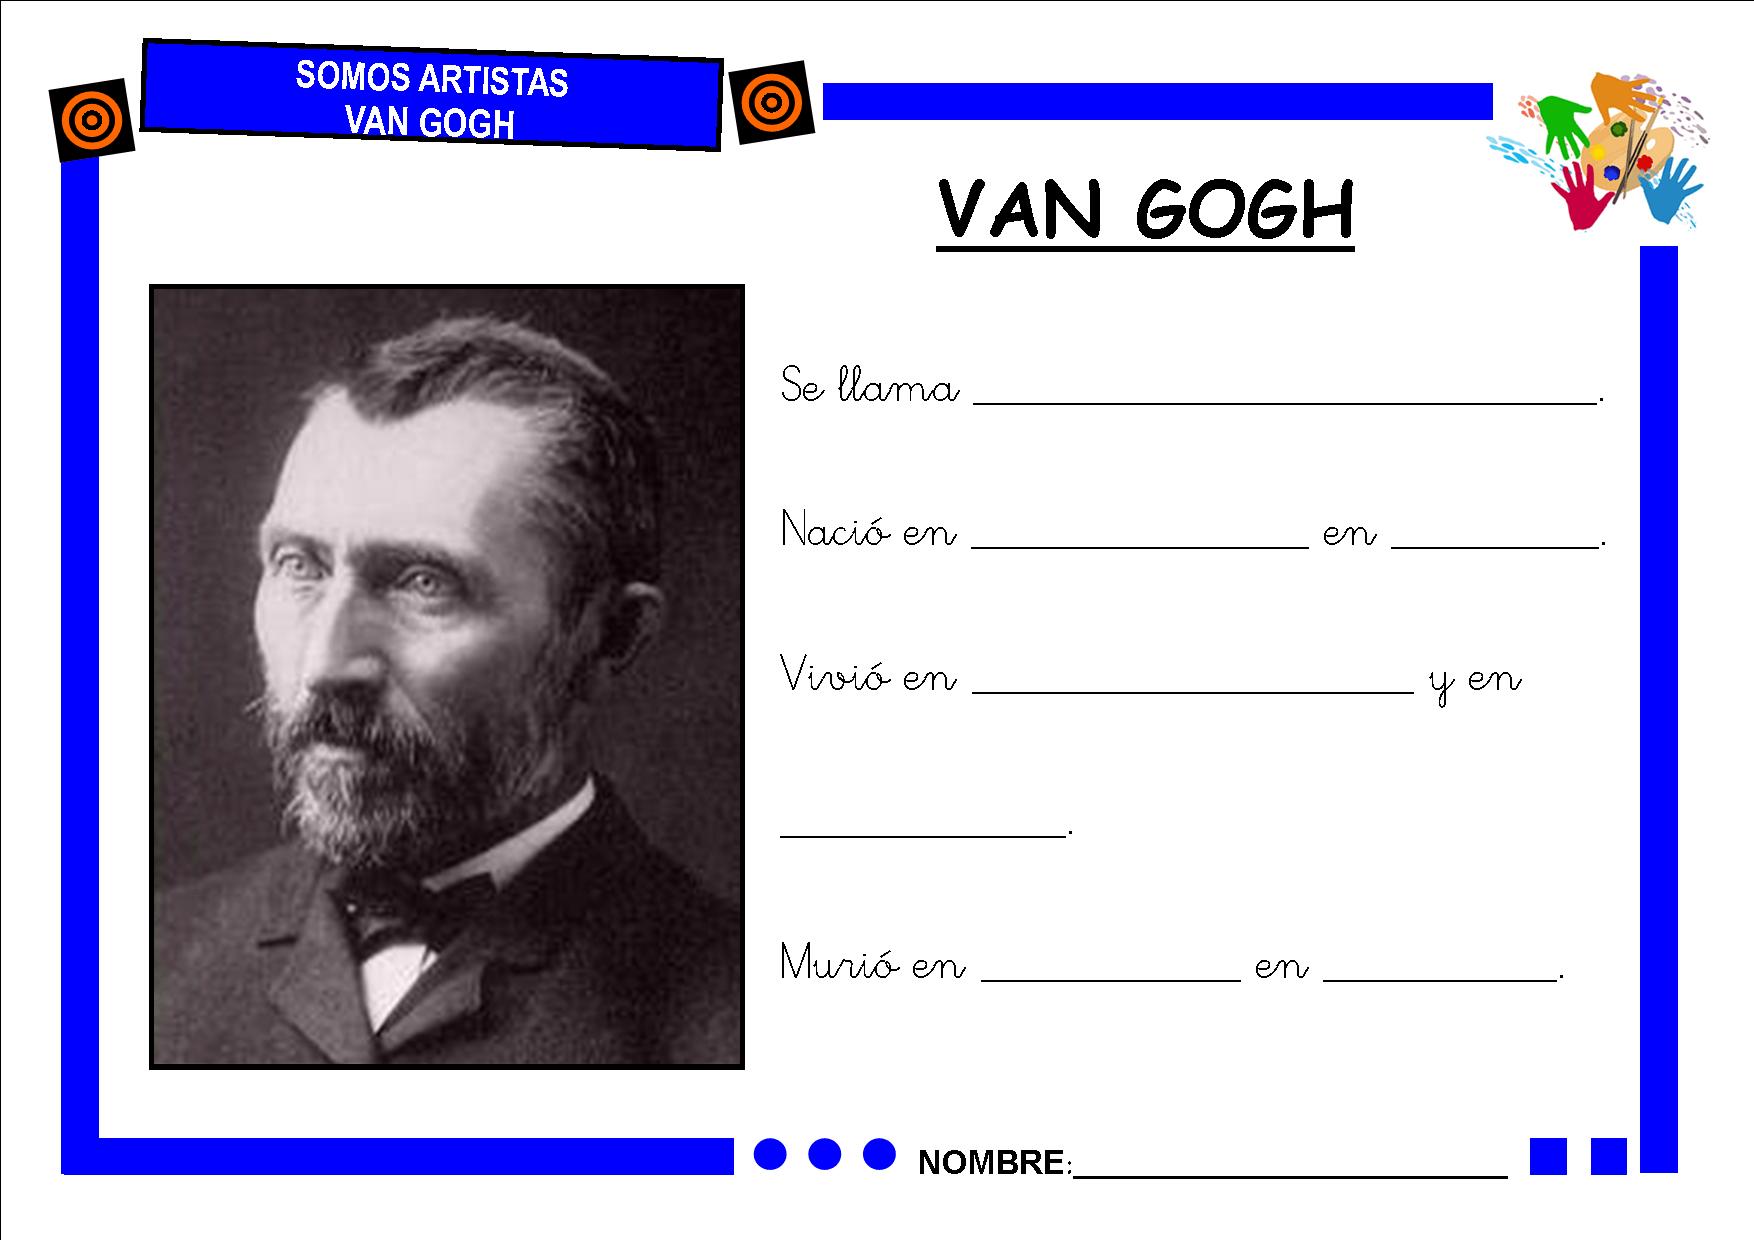 Biografia Van Gogh